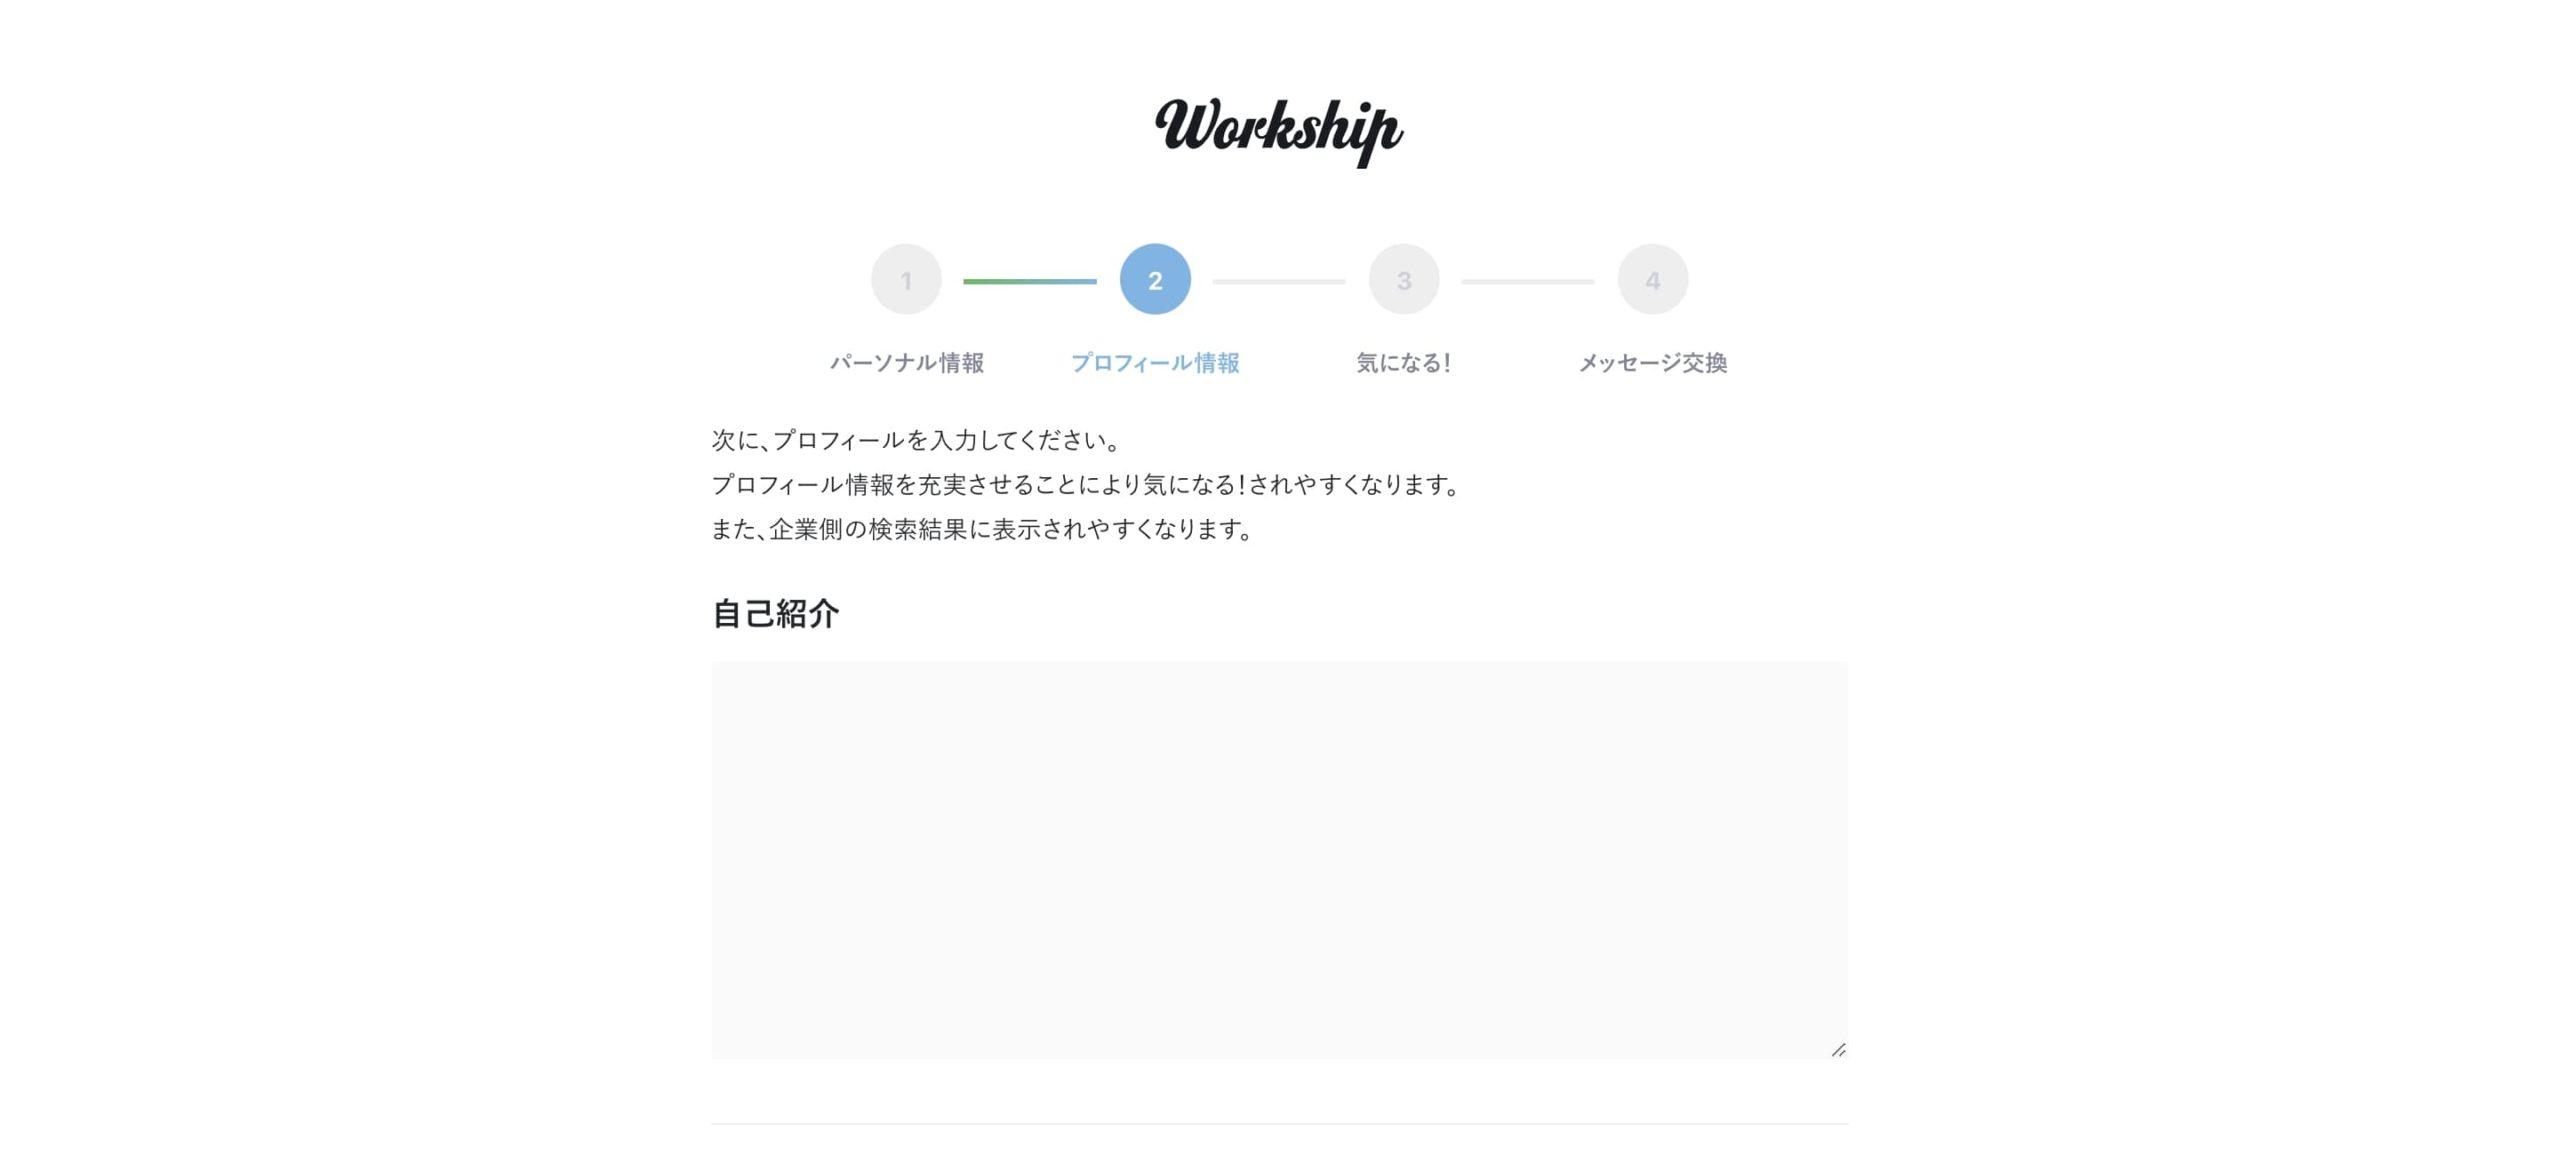 Workship 登録手順